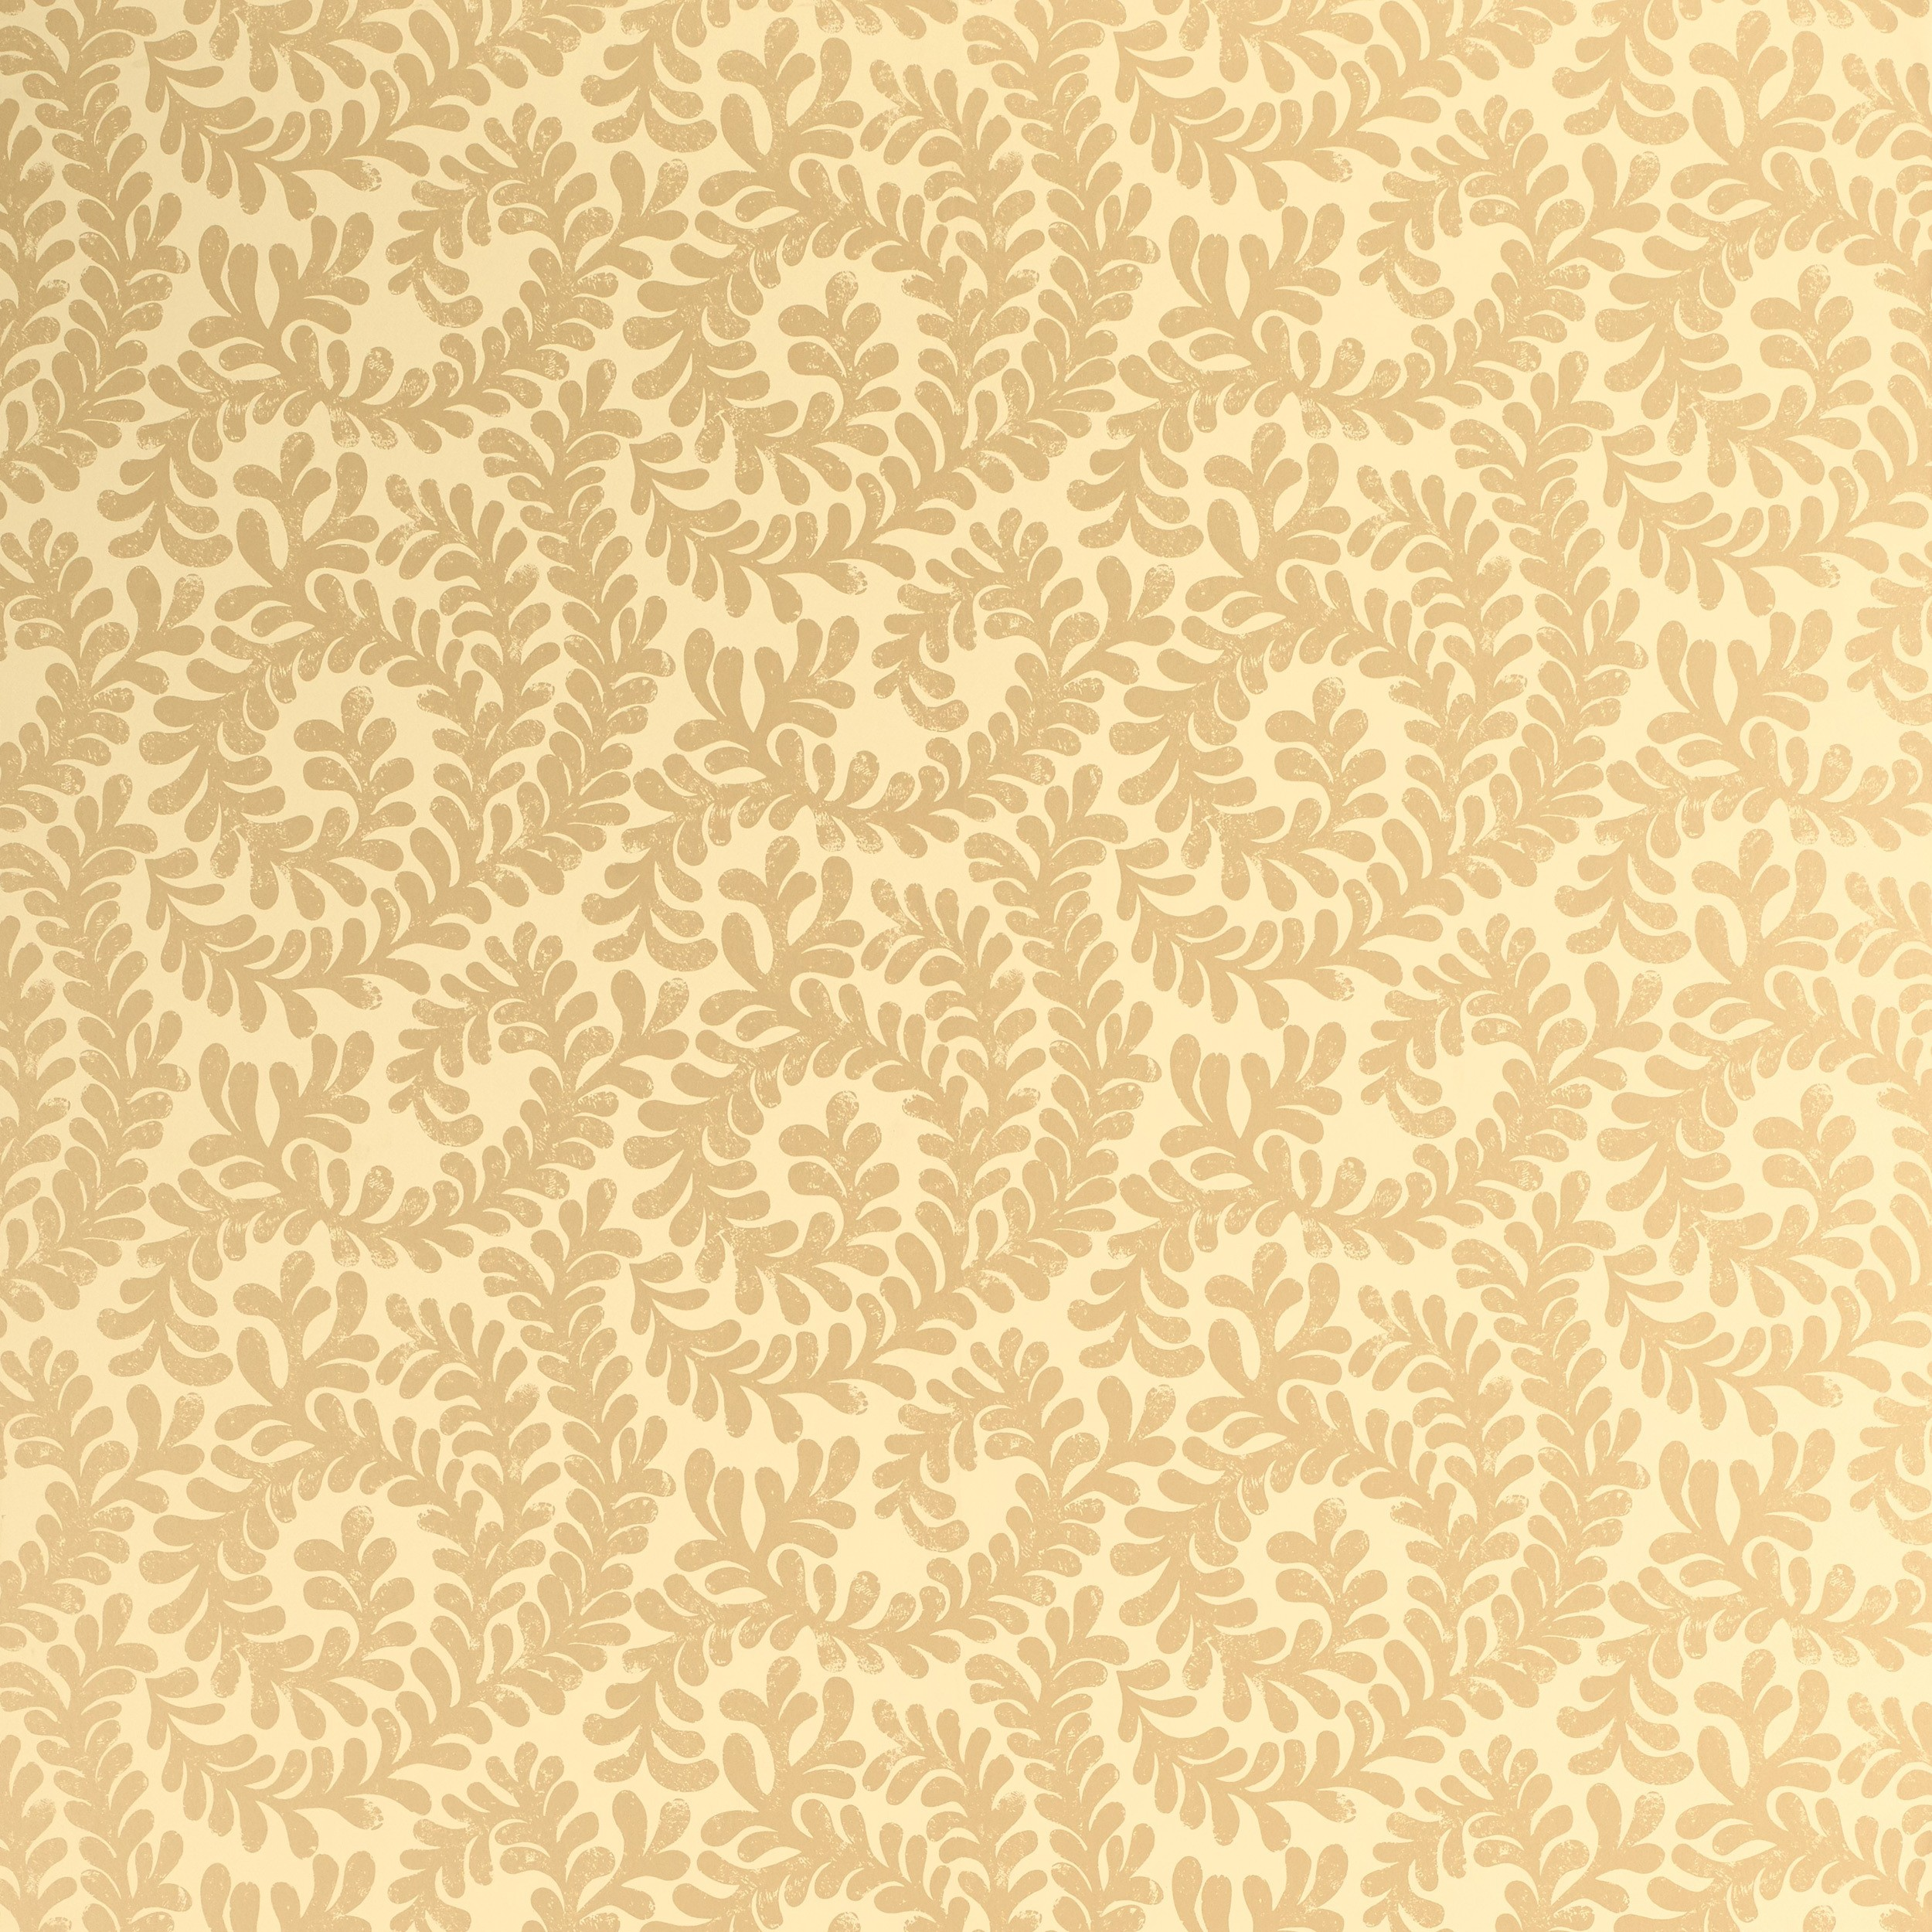 Comprar papel pintado Berkeley Scroll dorado de diseño - Laura ...